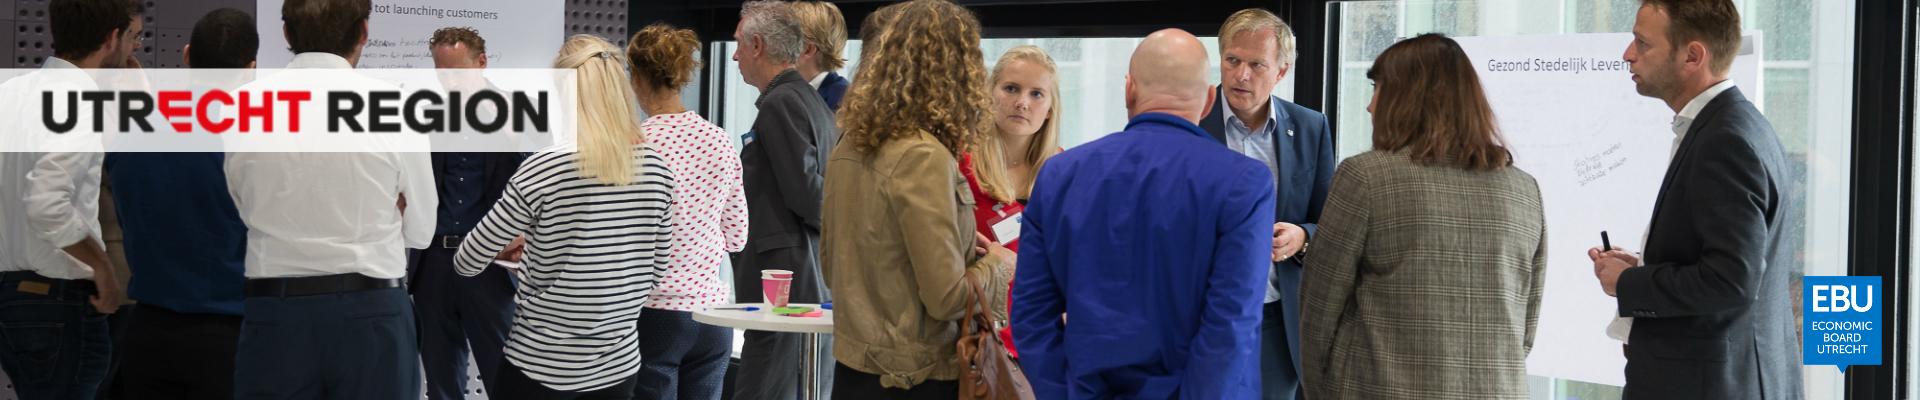 Utrecht Region Get Connected jaarcongres 2019